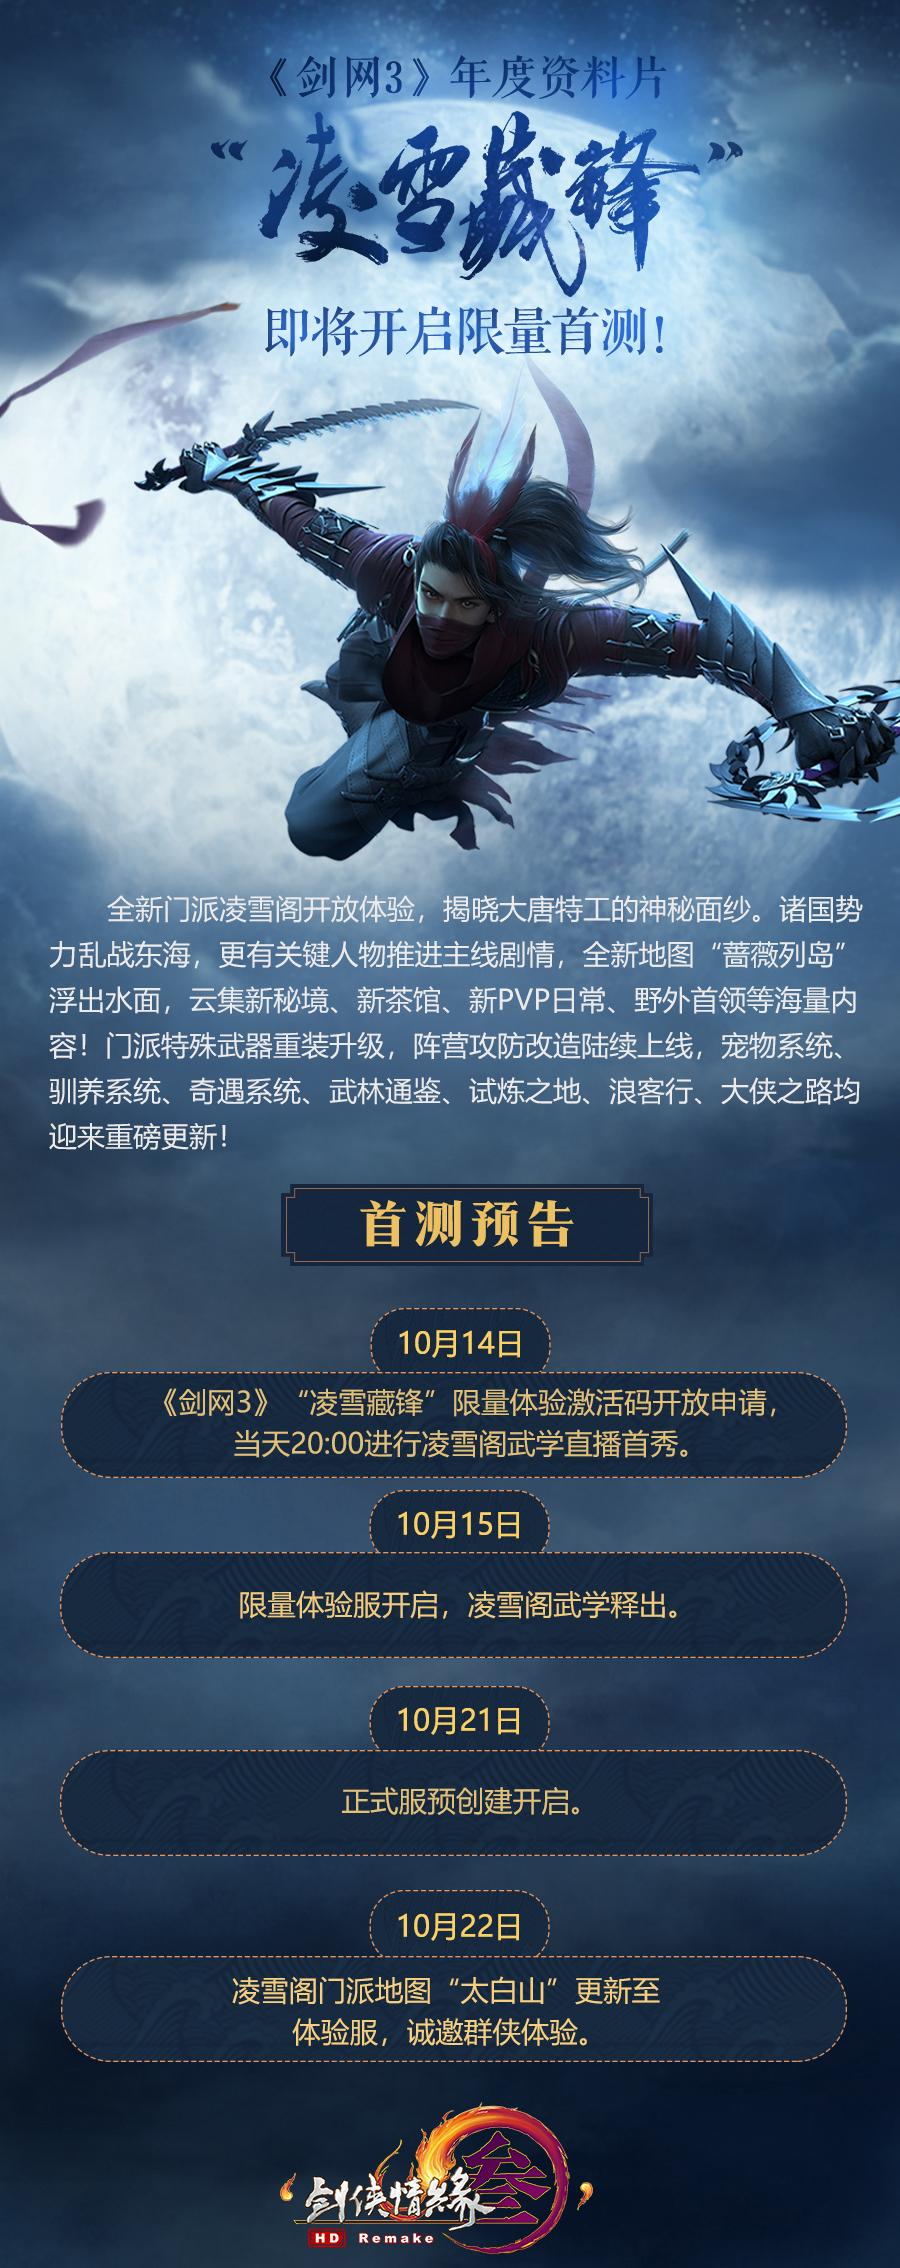 """凌雪阁来了!《剑网3》""""凌雪藏锋""""资料片首测定档10.15"""